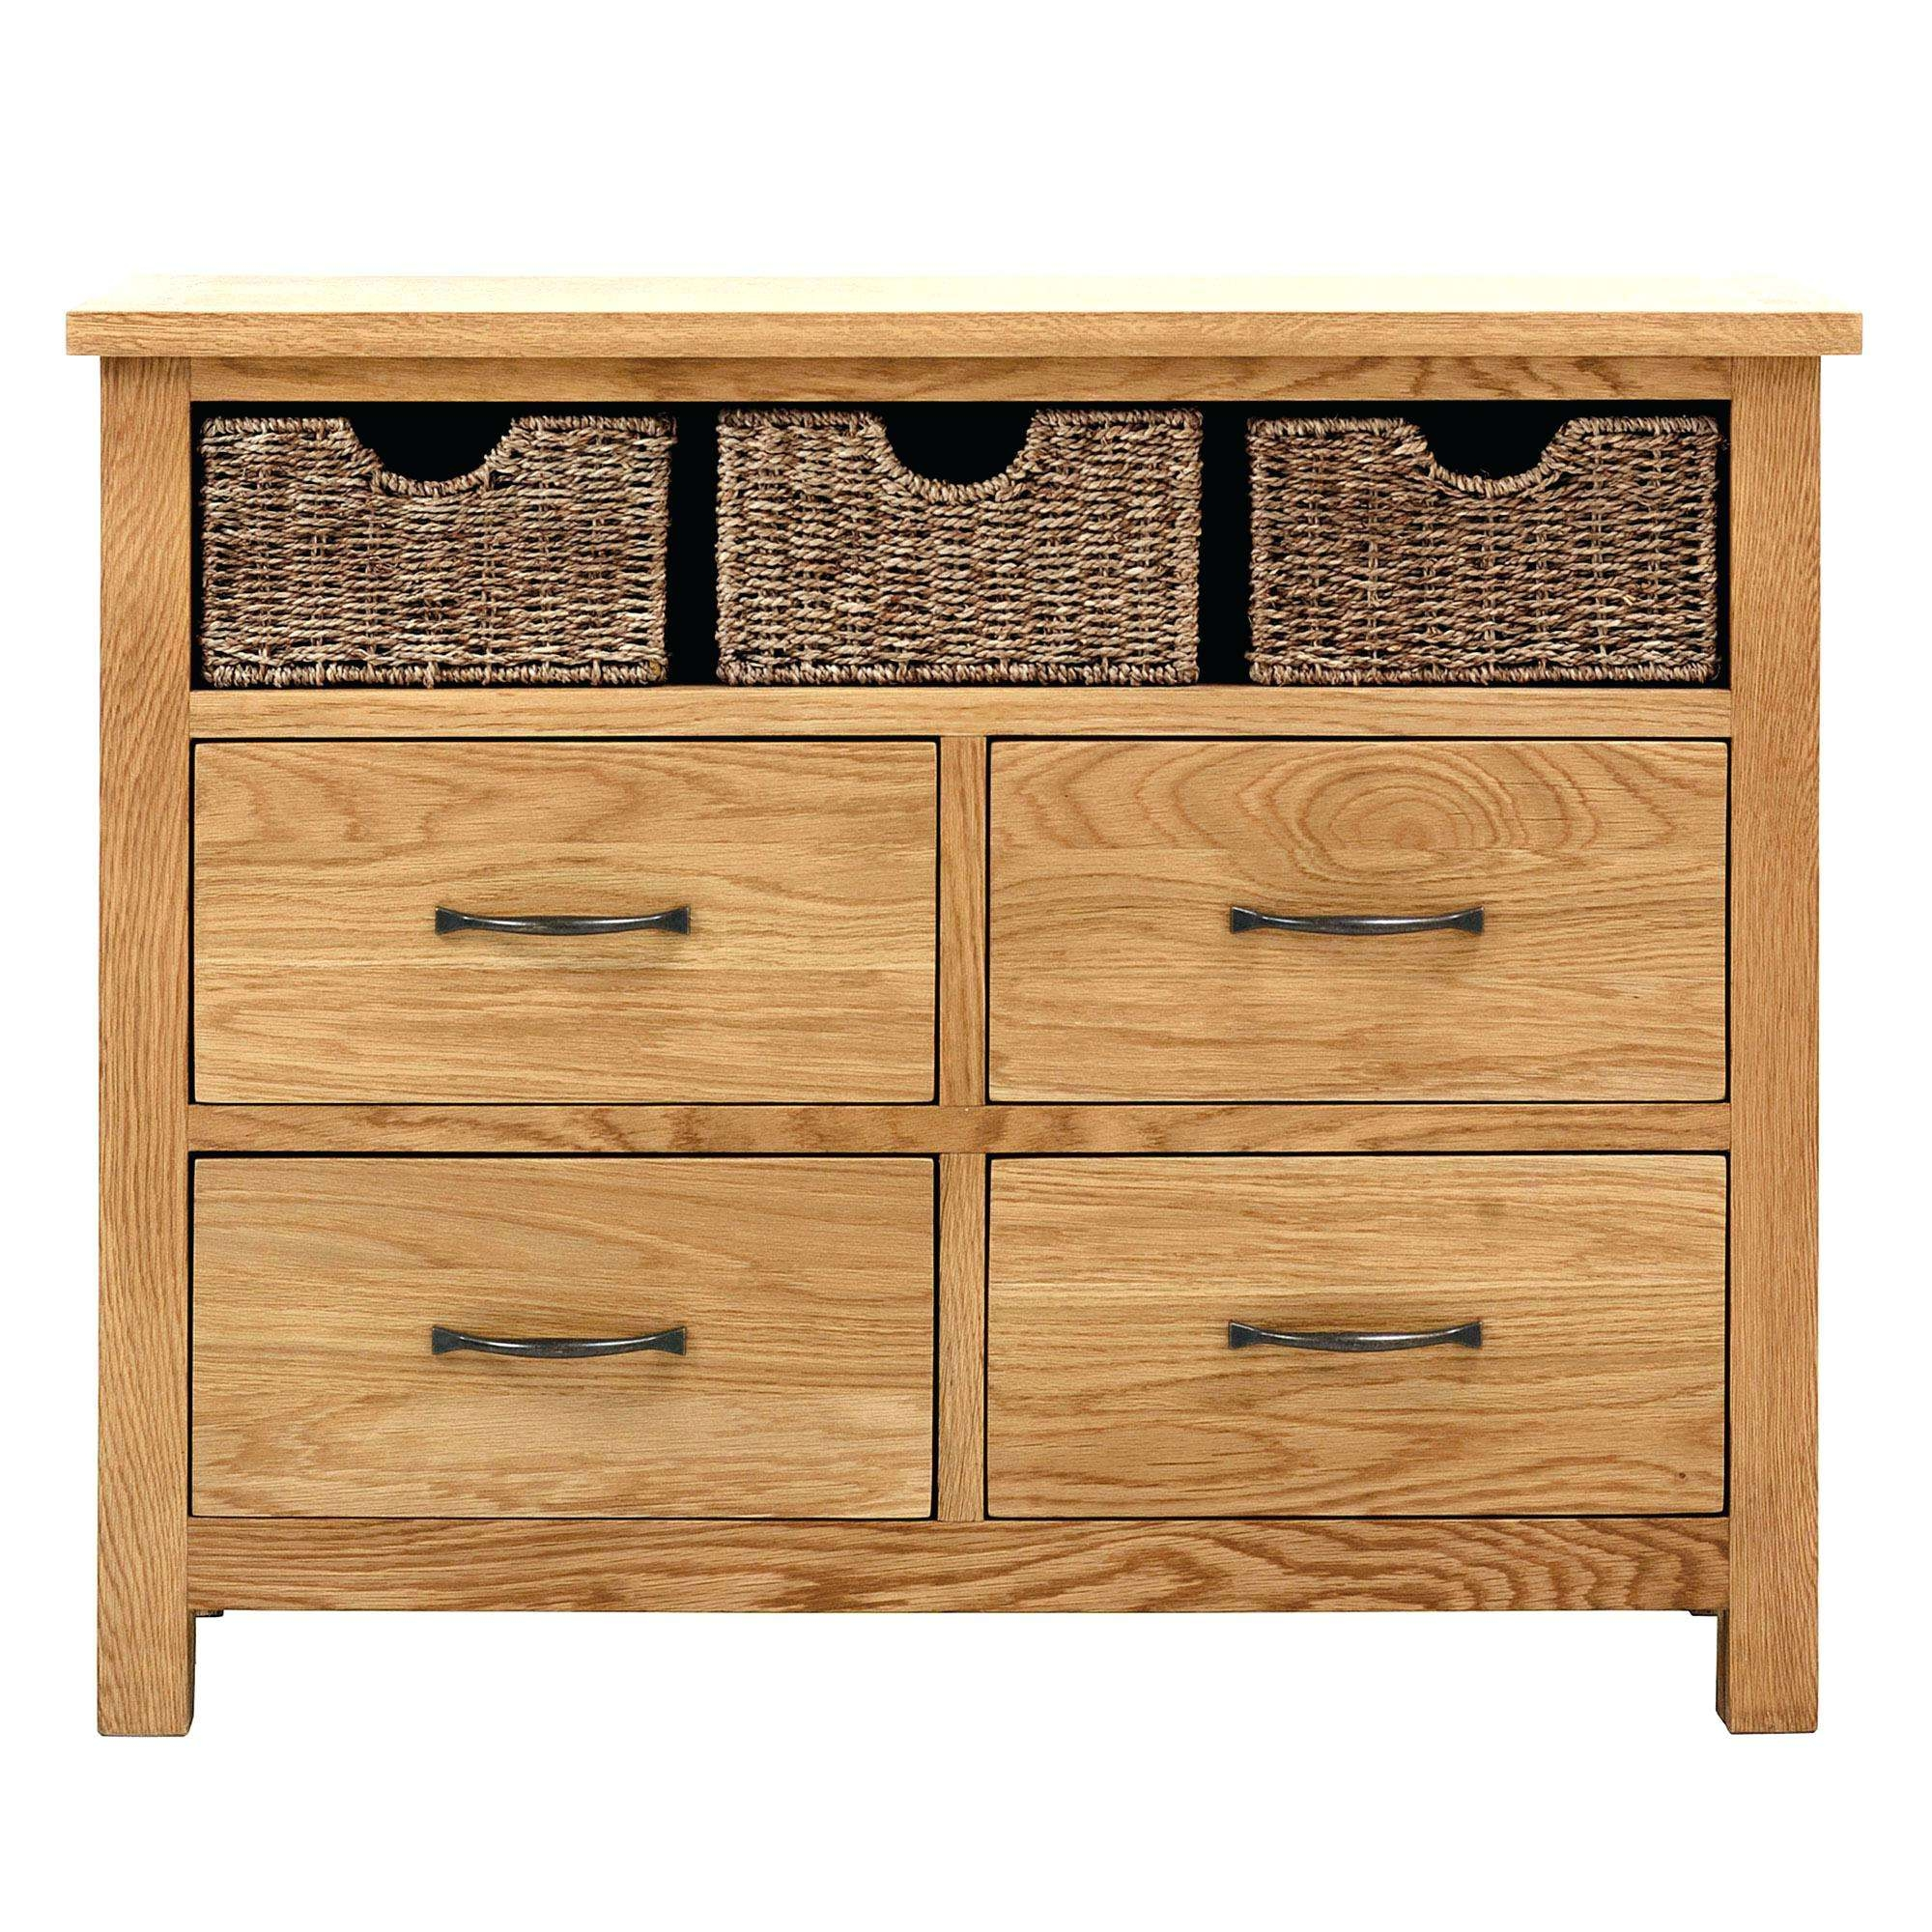 Slim Sideboard Sideboards And Cabinets Dark Pine Walnut Oak Wood Pertaining To Slim Oak Sideboards (View 18 of 20)